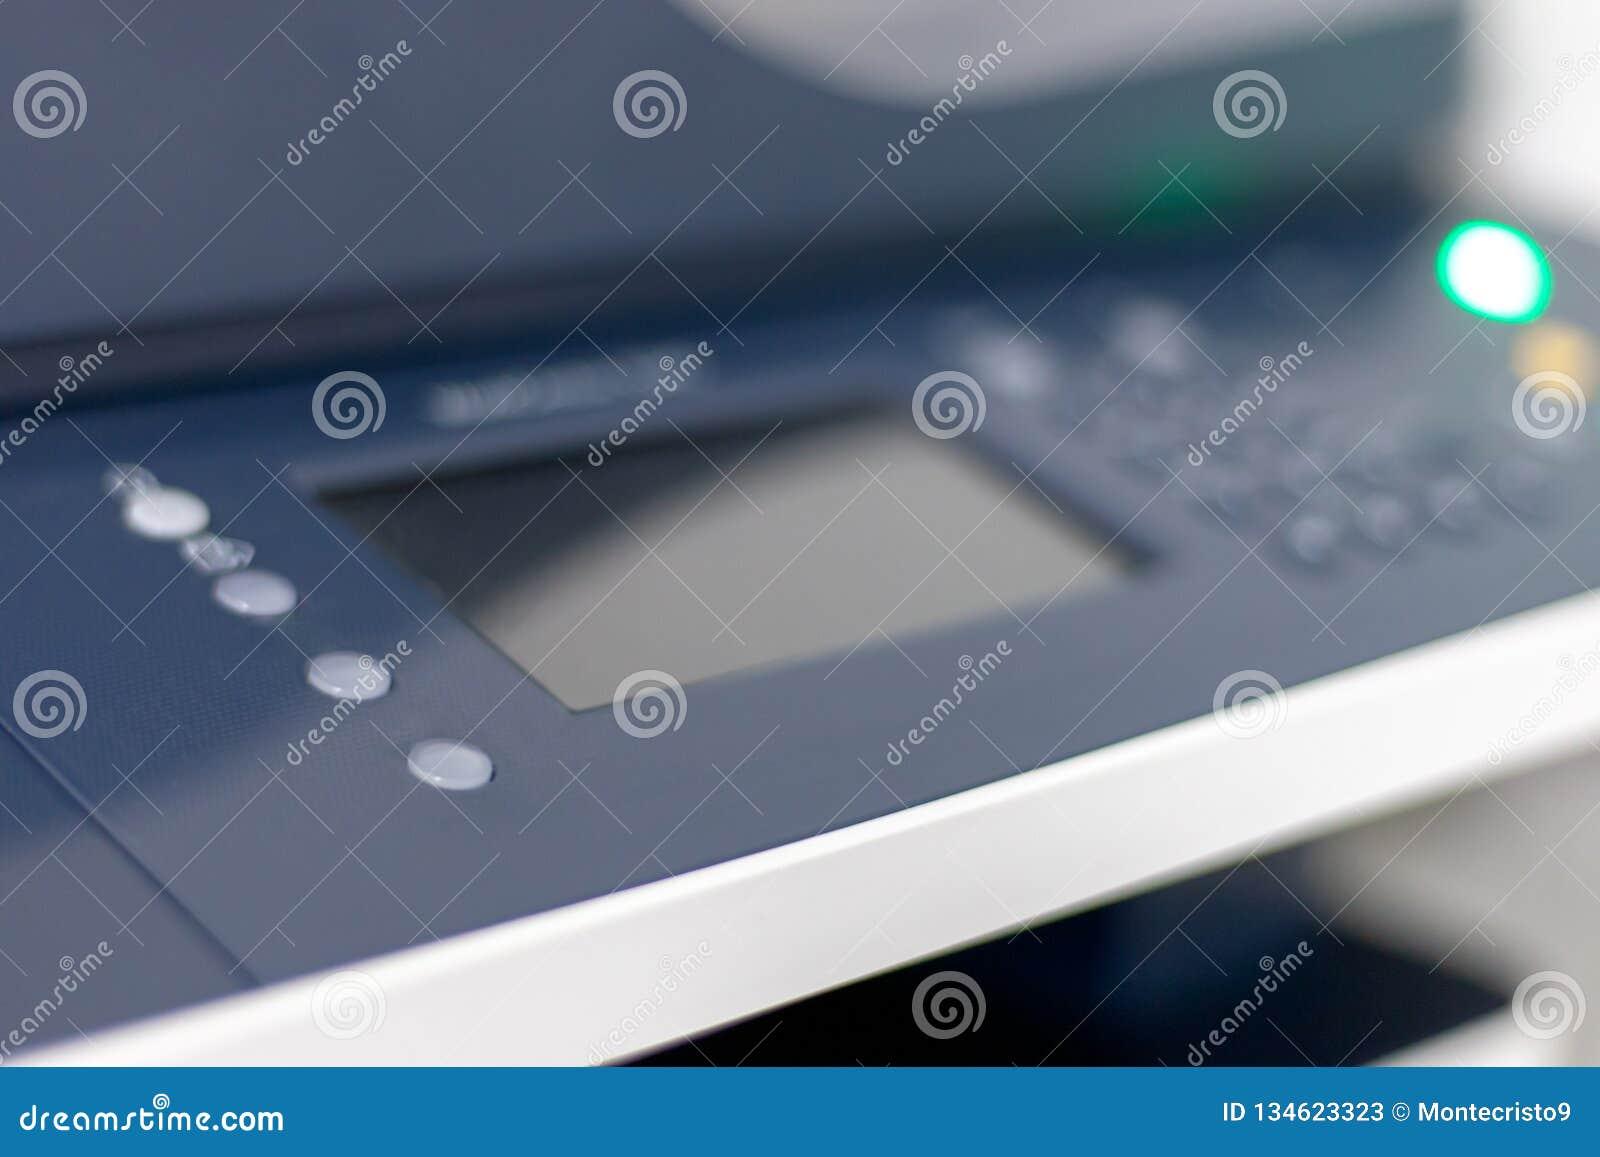 Κλείστε επάνω την άποψη για έναν πολλών χρήσεων εκτυπωτή ή έναν αντιγραφέα στο γραφείο Επίδειξη και κουμπιά Εκλεκτική εστίαση